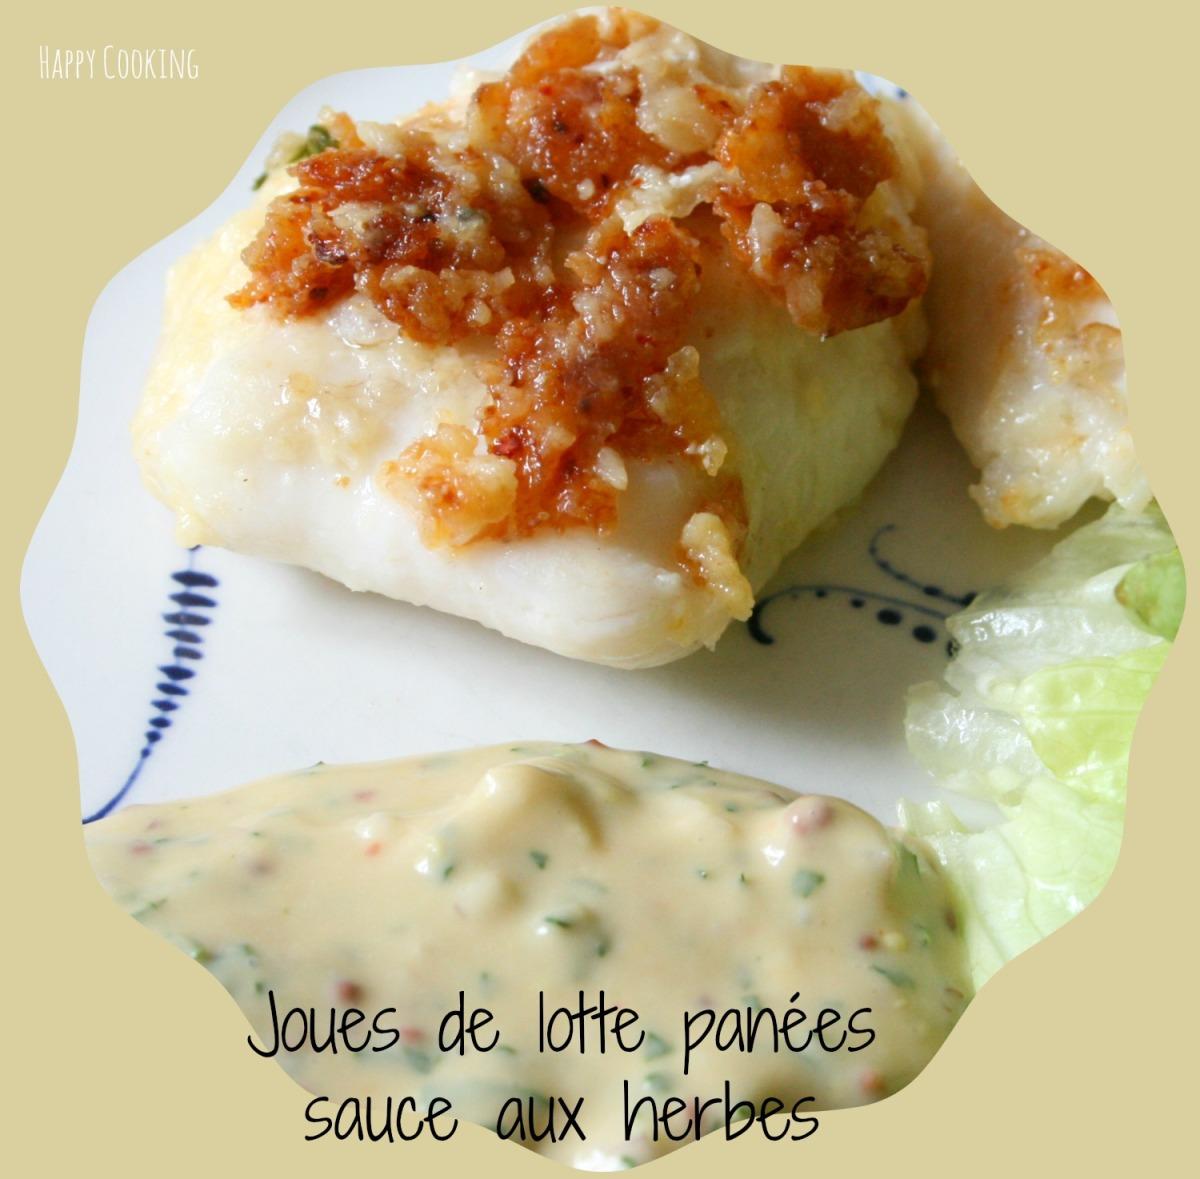 Joues de lotte pan es au parmesan et sauce aux herbes happy cooking - Cuisiner des joues de lotte ...